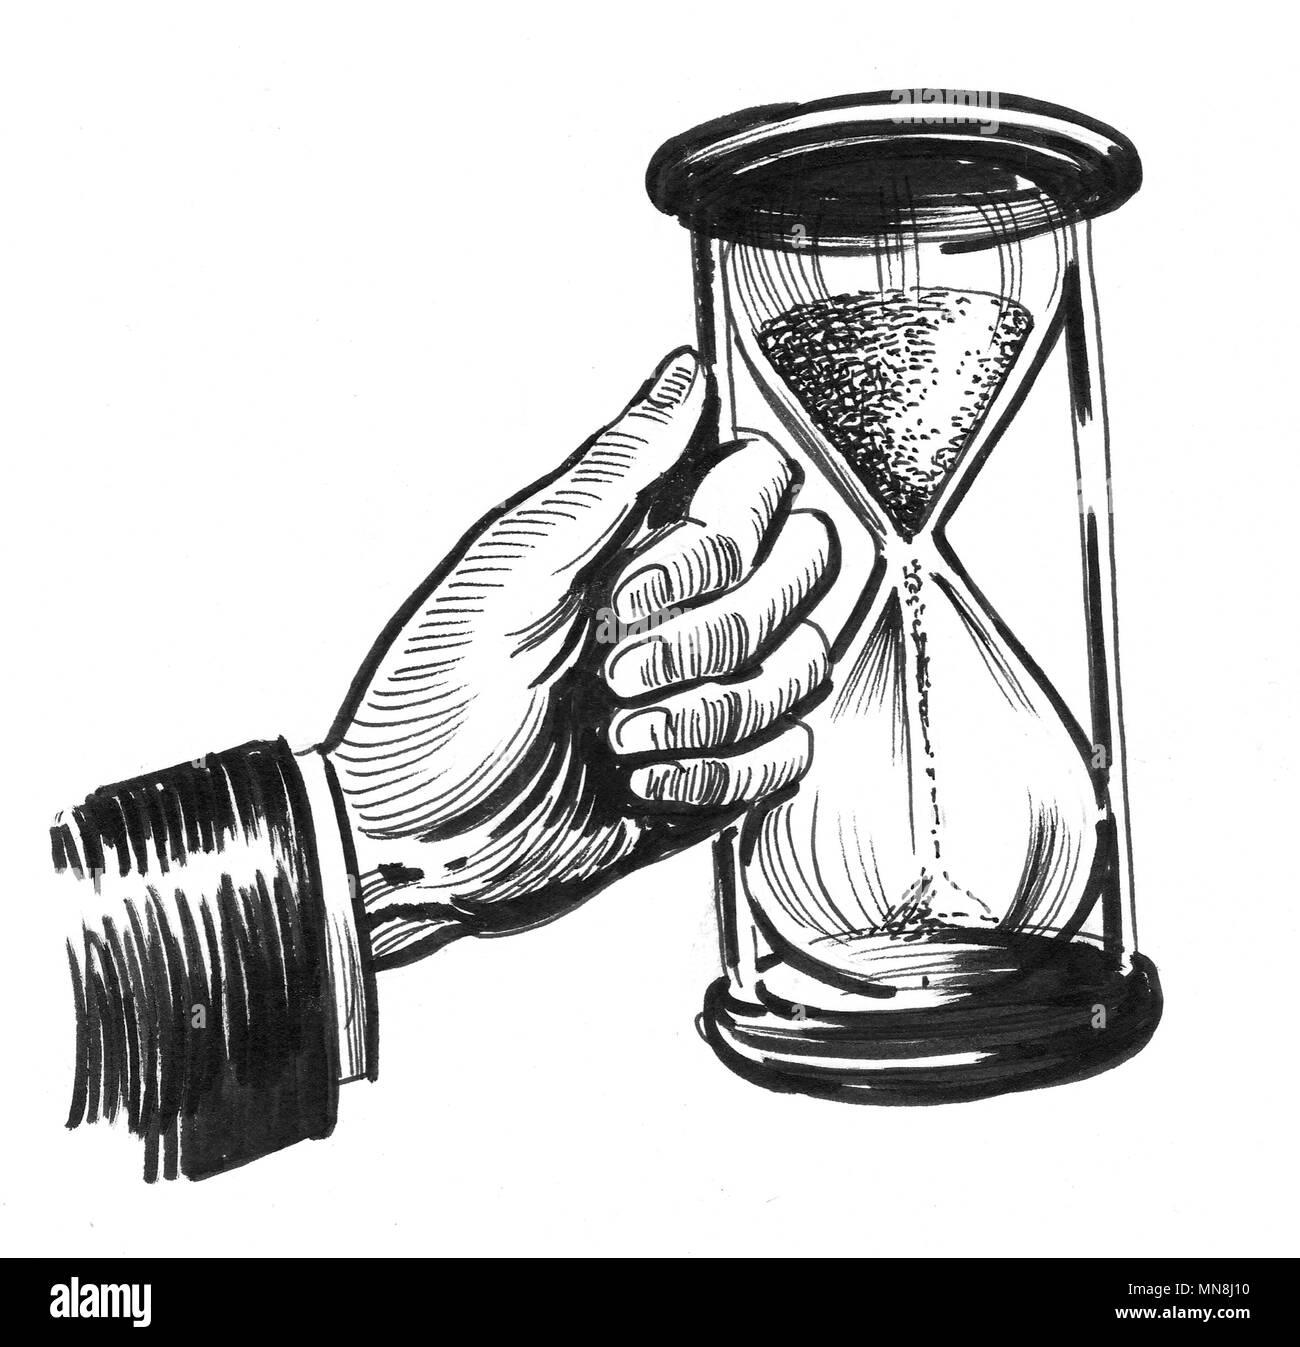 Mano Con Reloj De Arena Dibujo En Blanco Y Negro De Tinta Foto